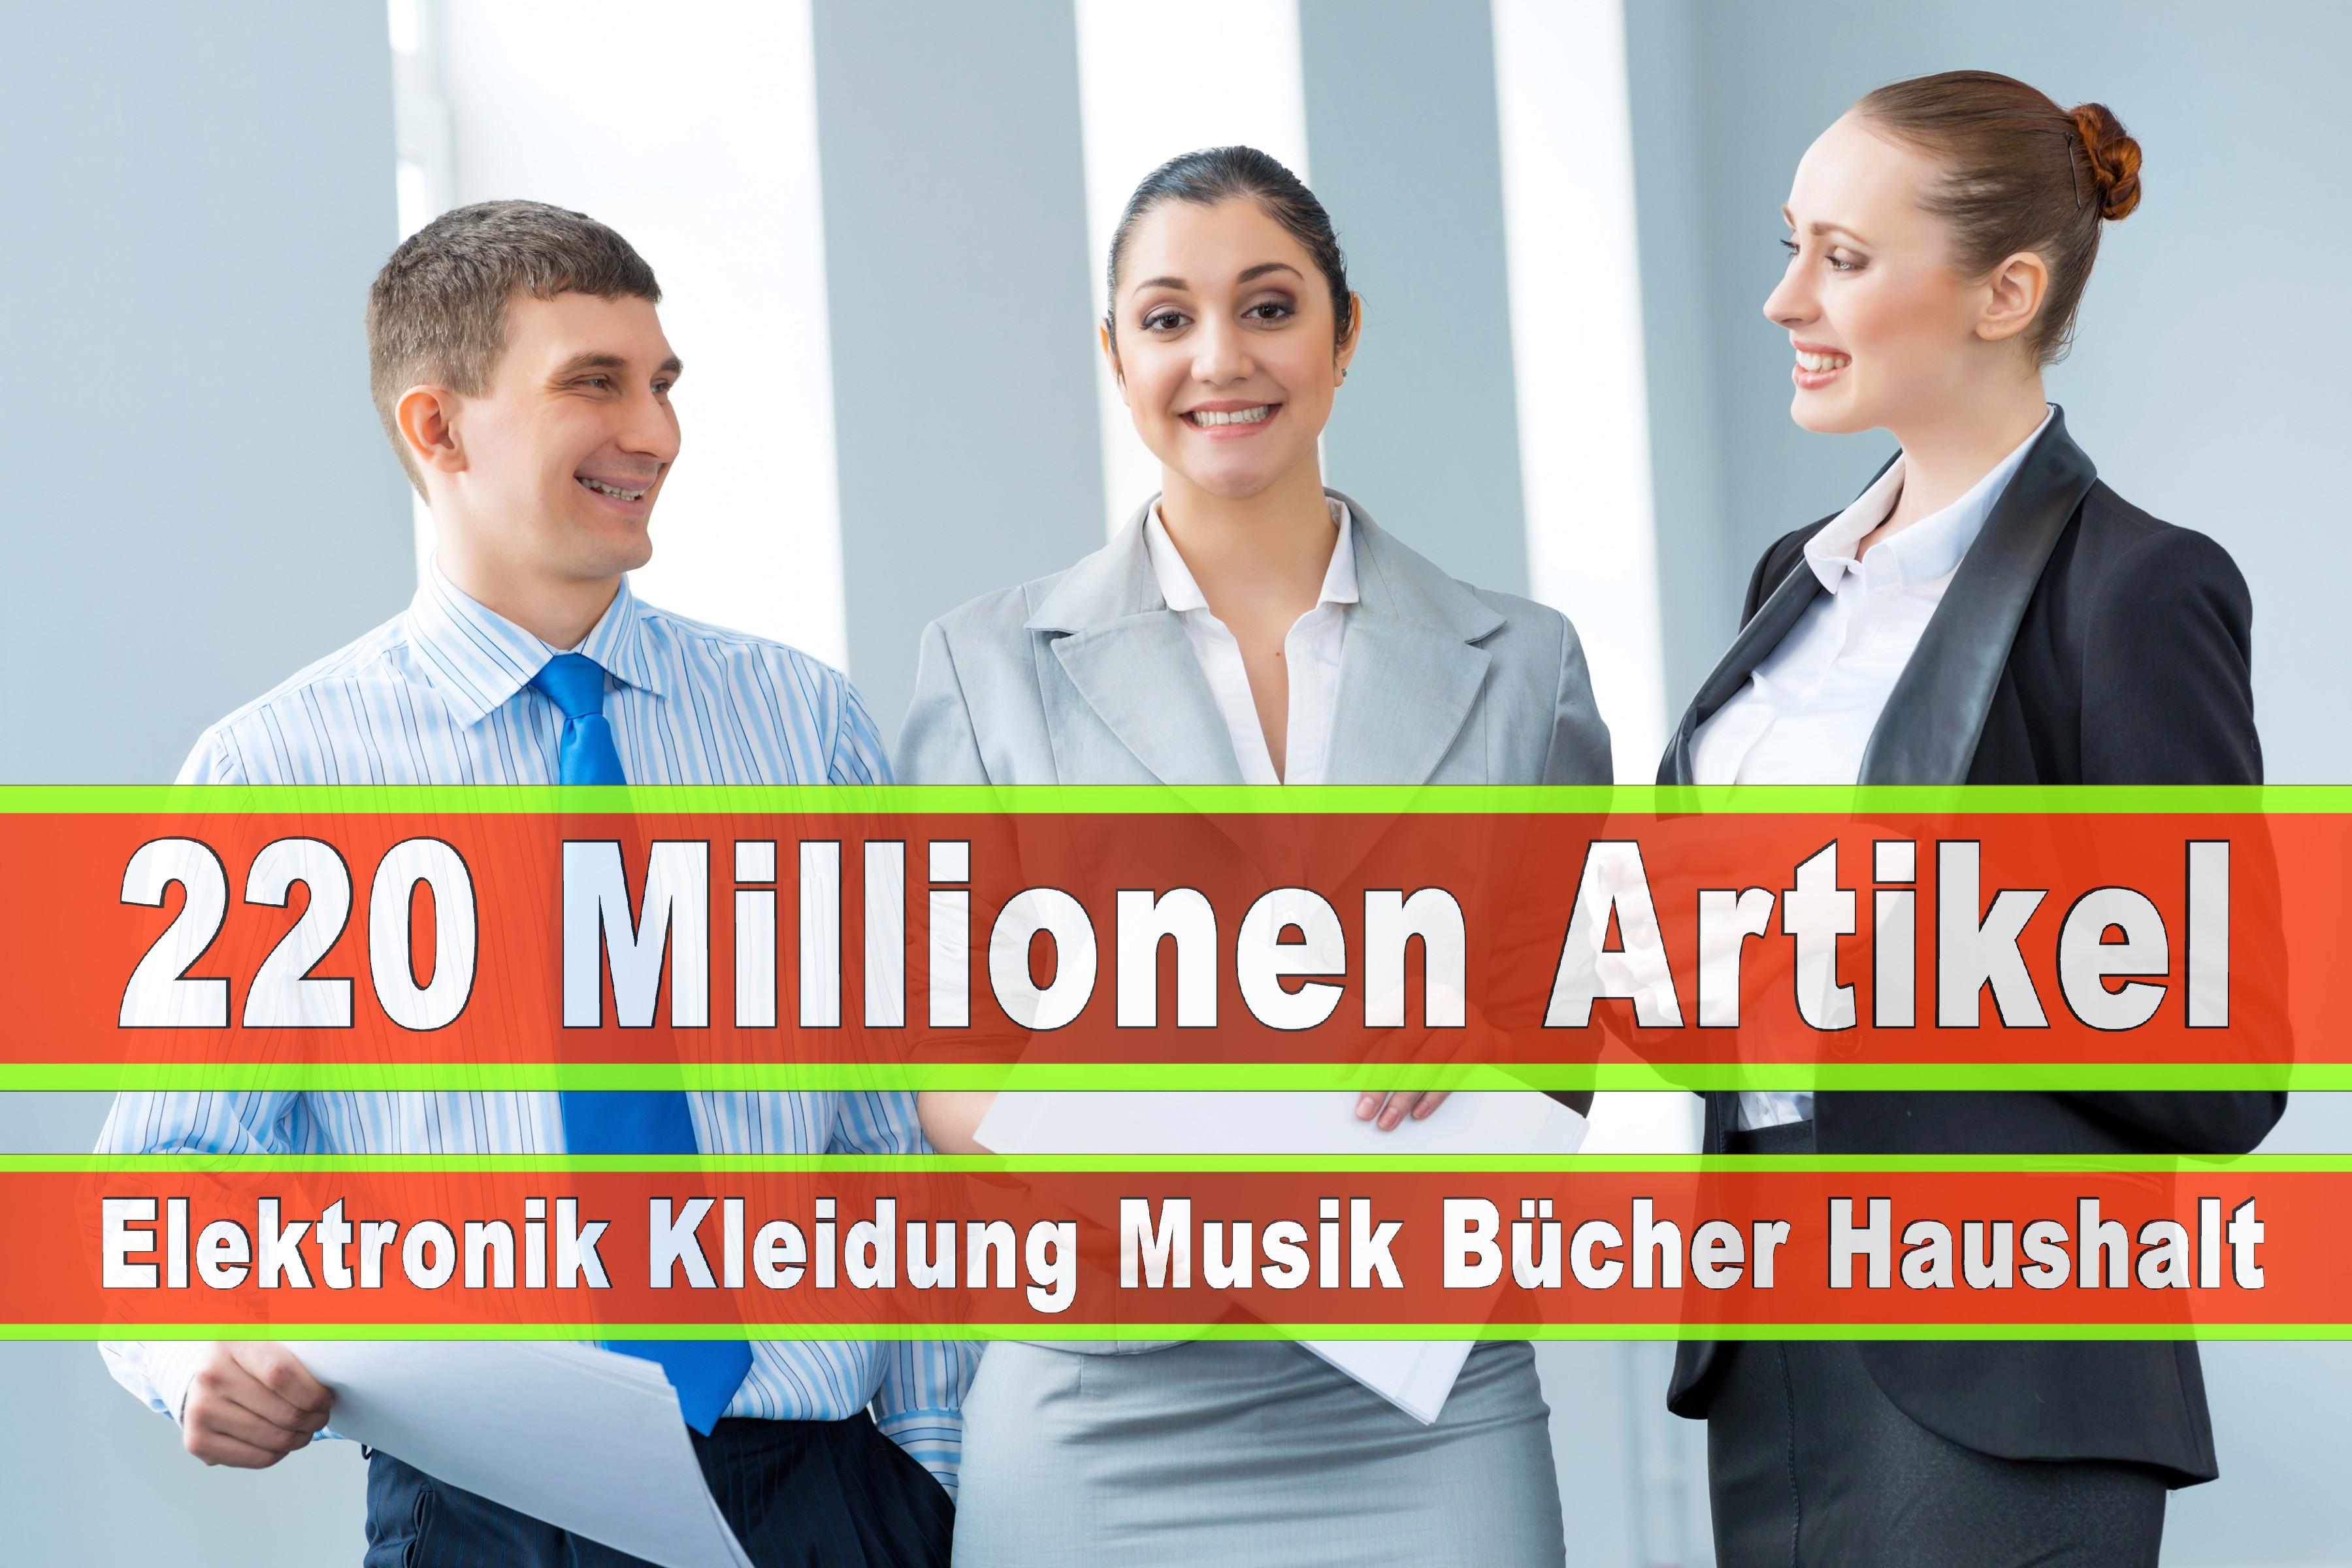 Amazon Elektronik Musik Haushalt Bücher CD DVD Handys Smartphones TV Television Fernseher Kleidung Mode Ebay Versandhaus (118)